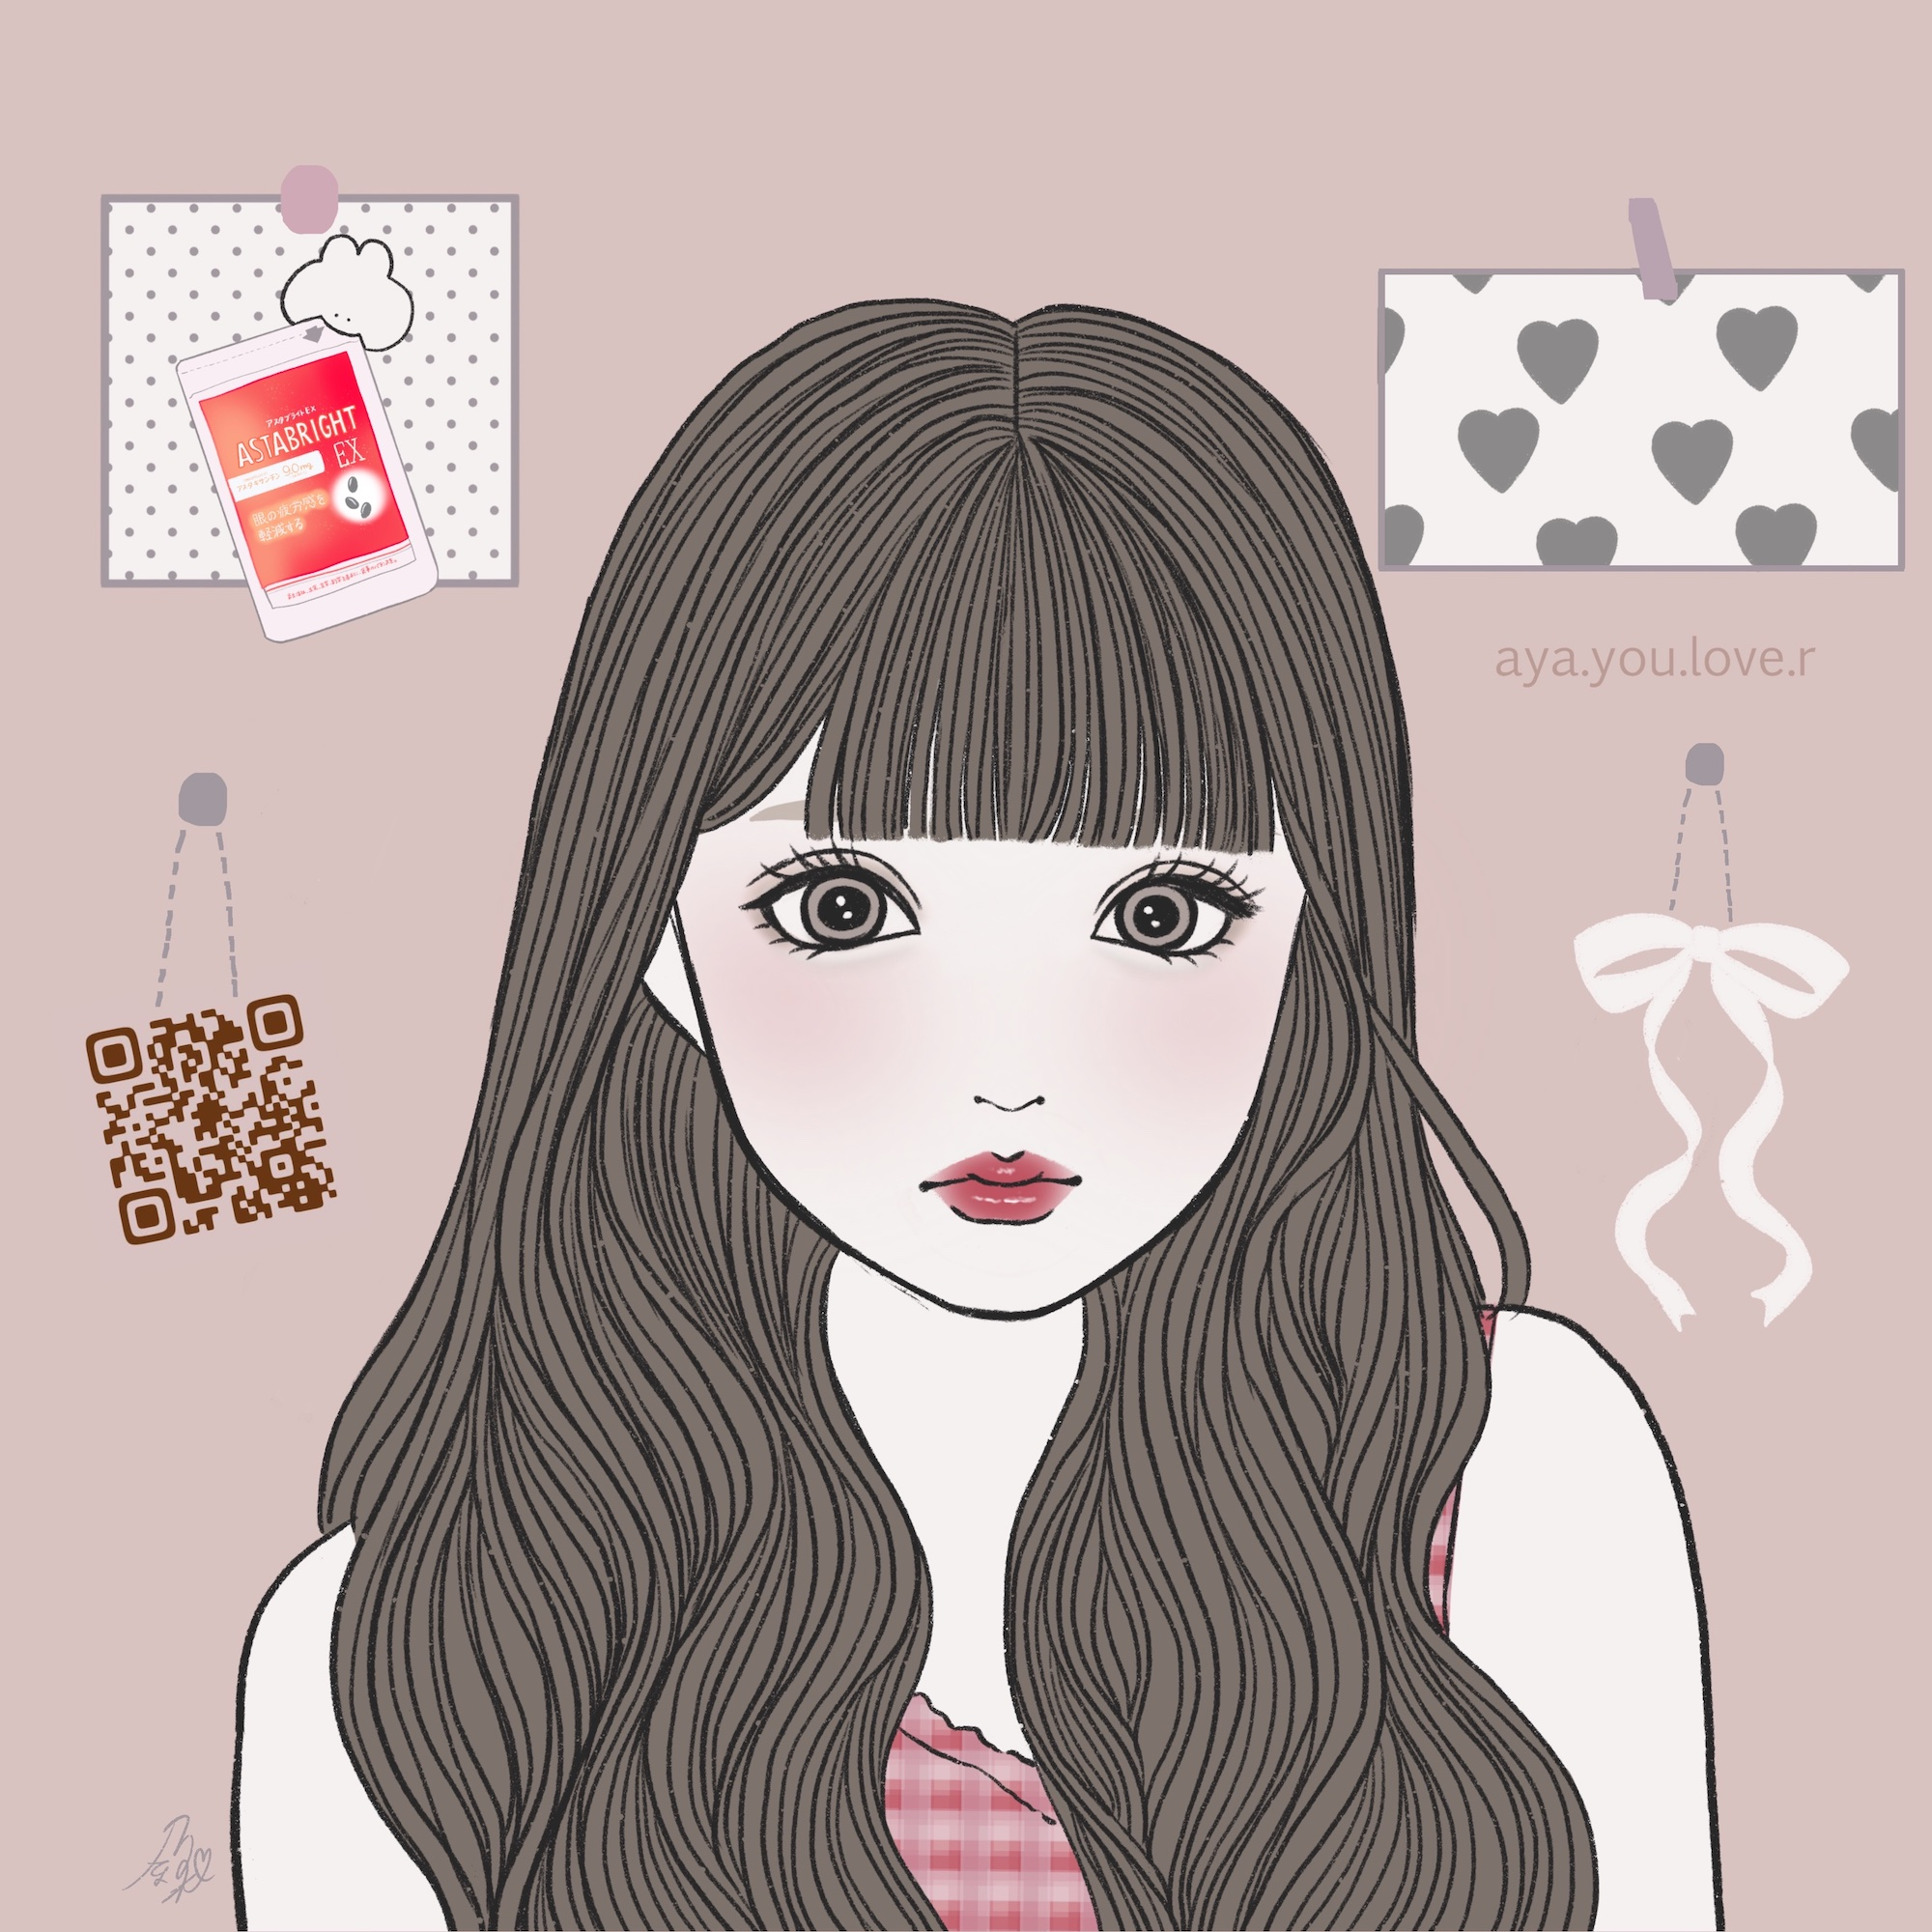 可愛い 女の子 イラスト